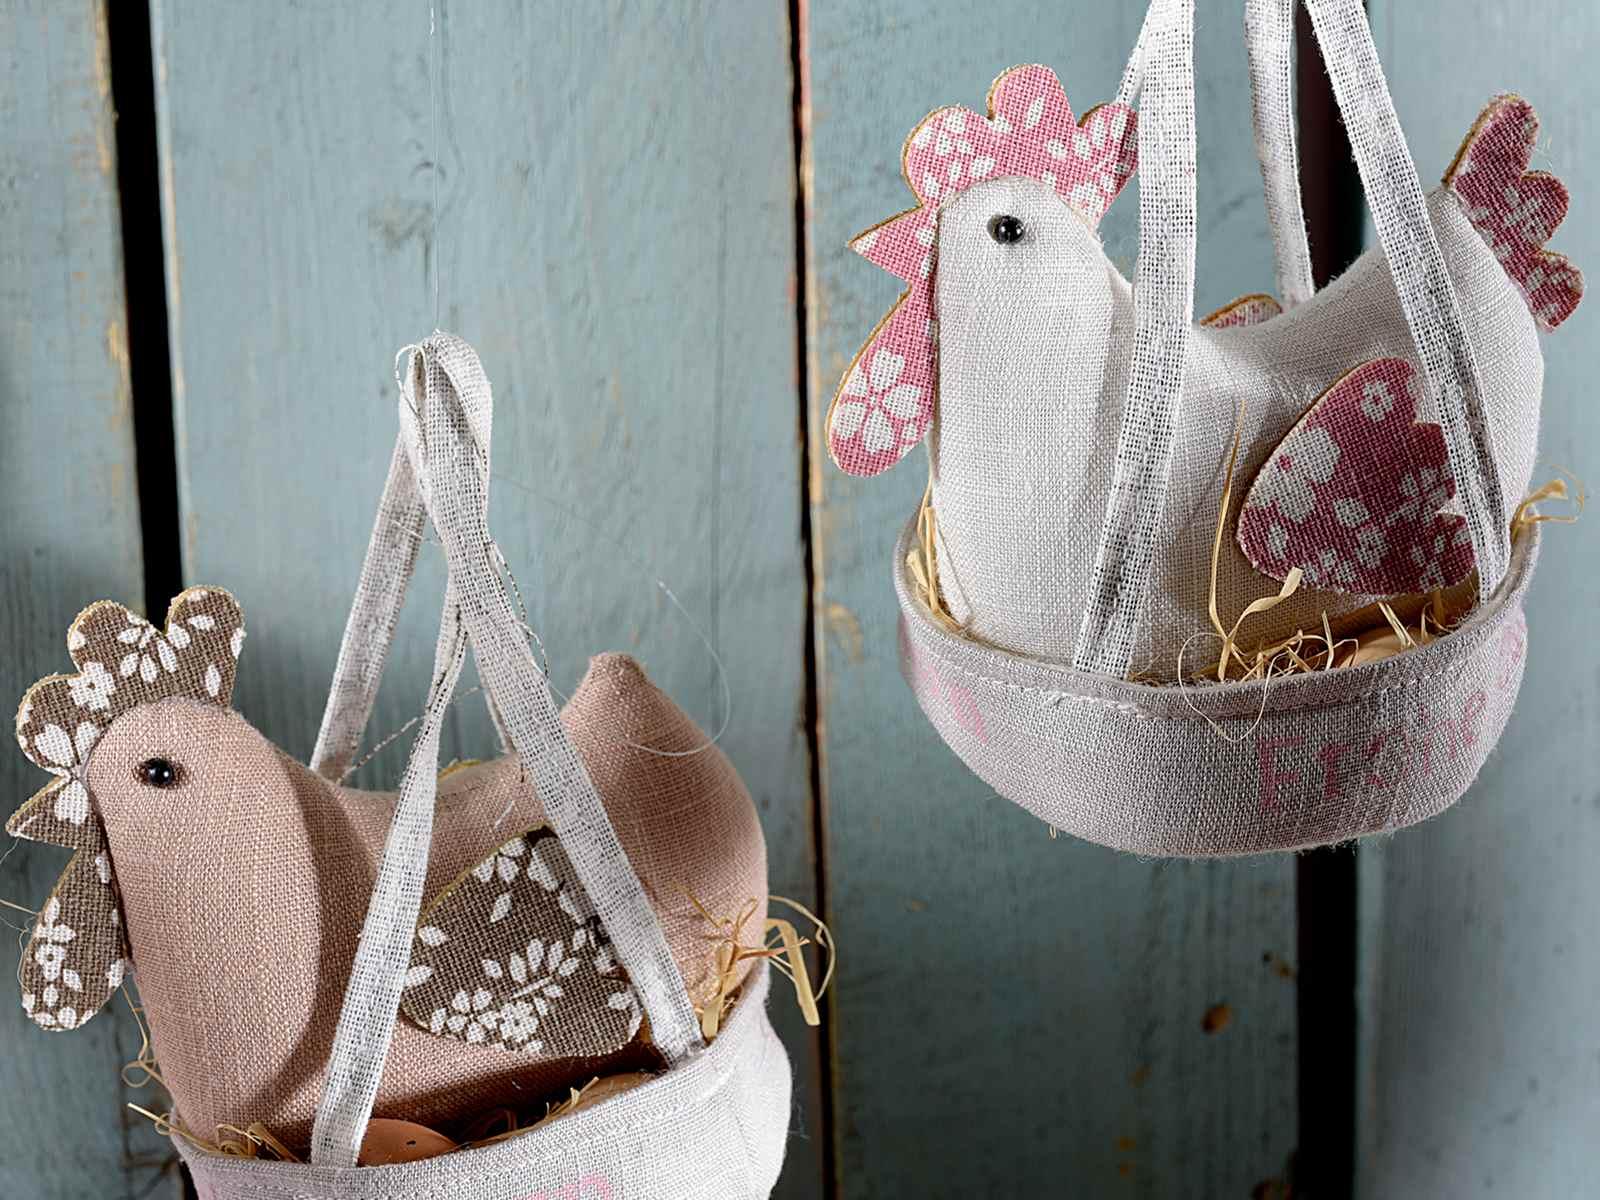 Grossiste decoration fabulous decoration de interieur maison article de dcoration with - Grossiste decoration mariage ...